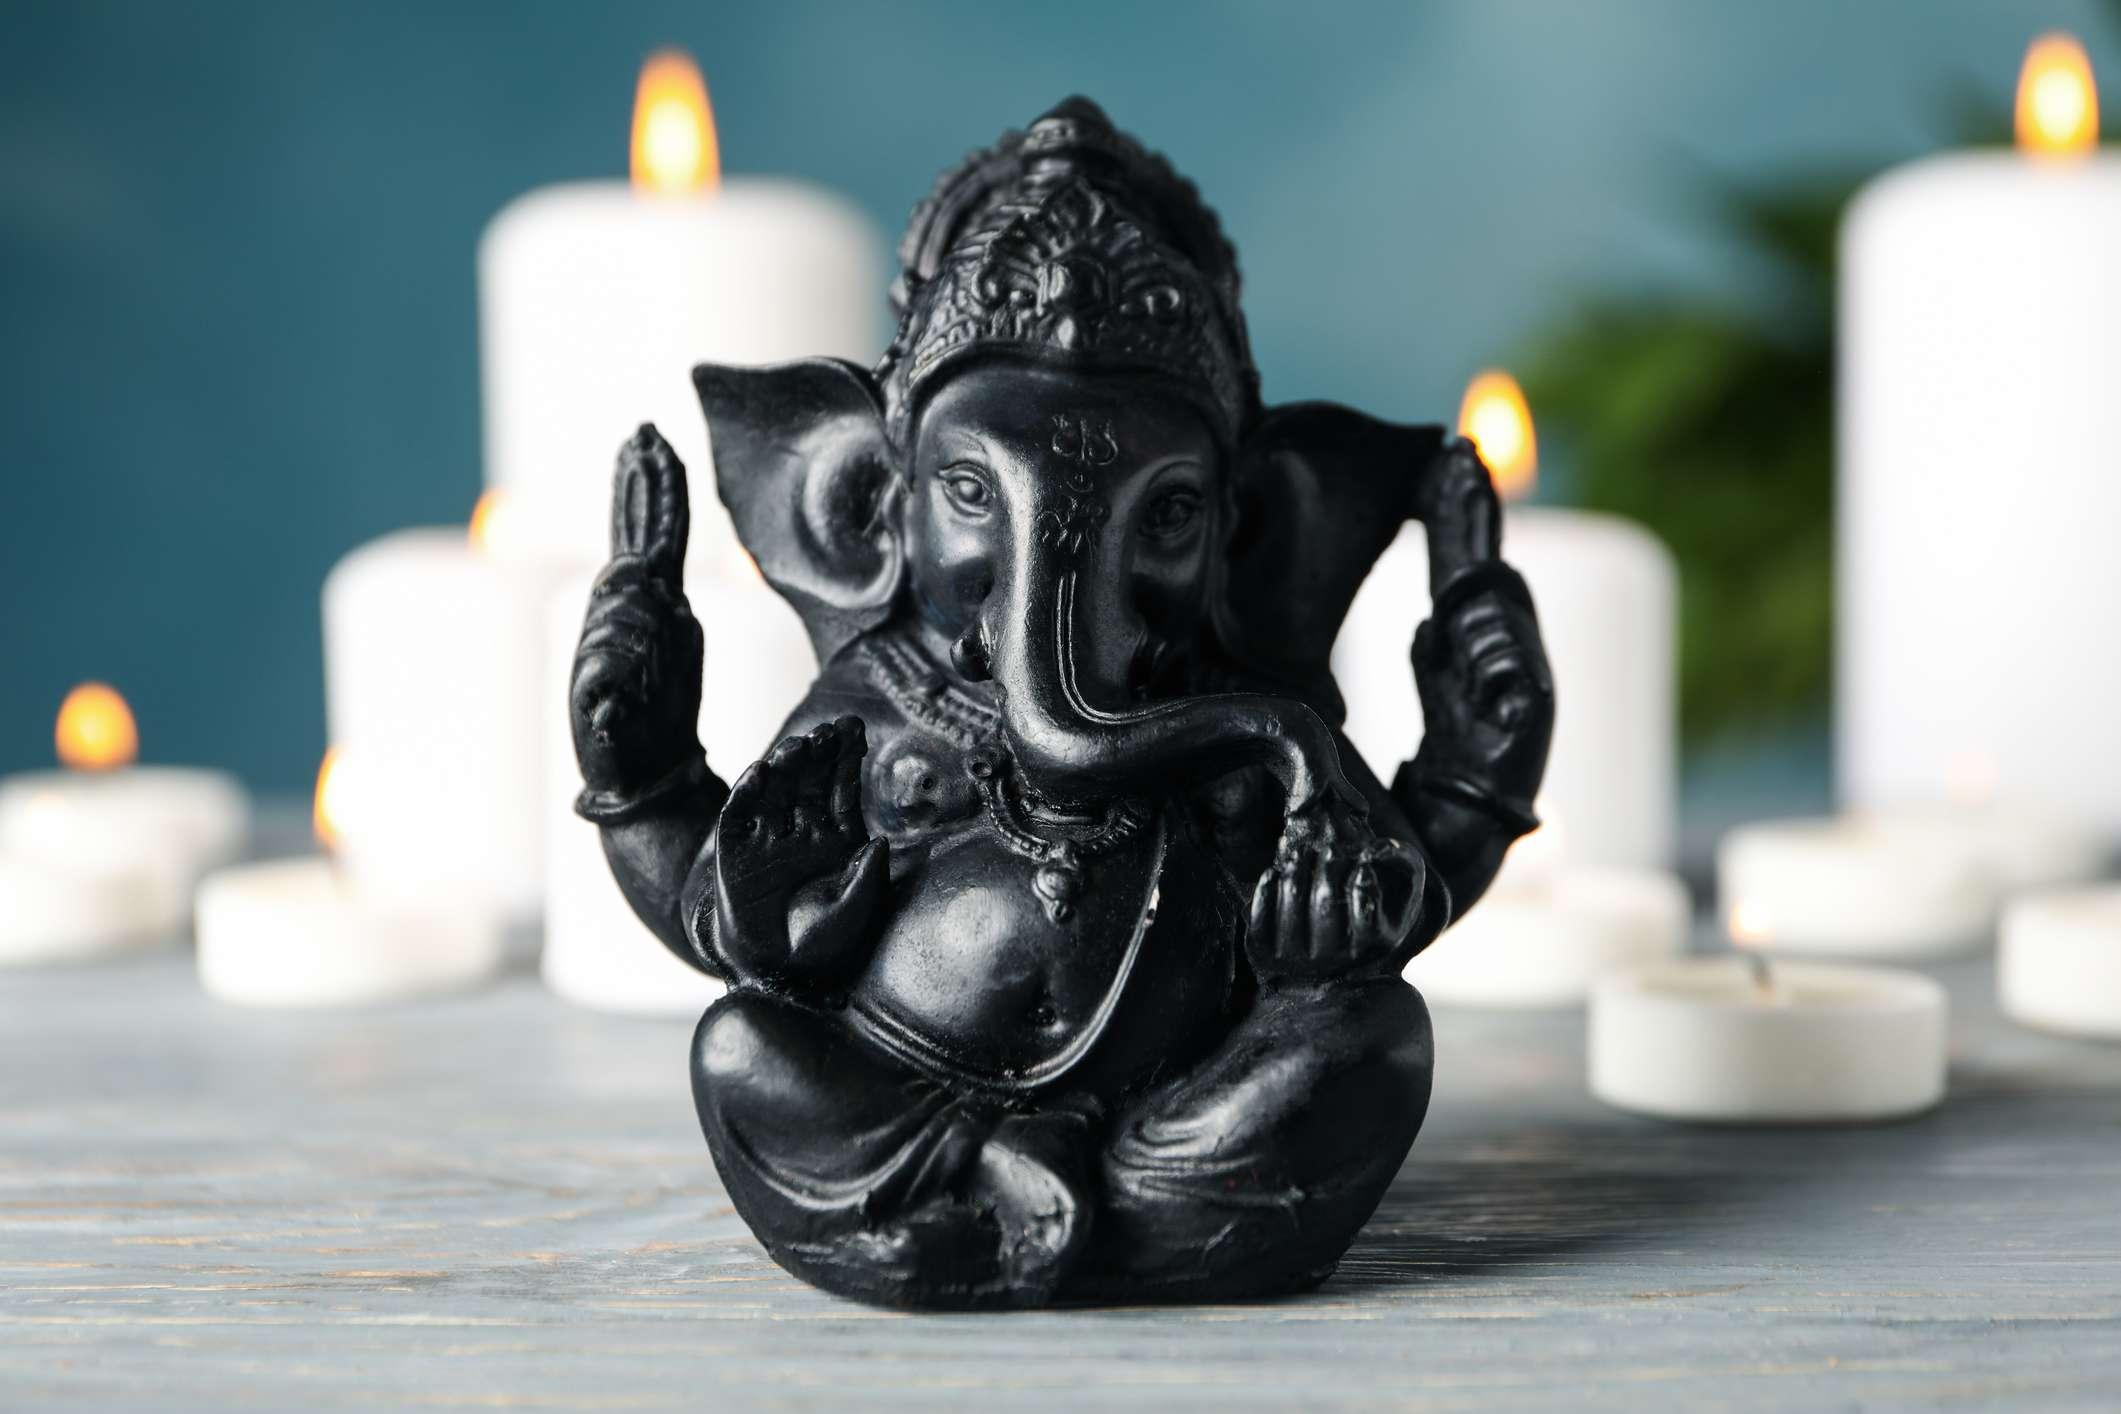 Hindu god Ganesha on white wooden table. Candles on background